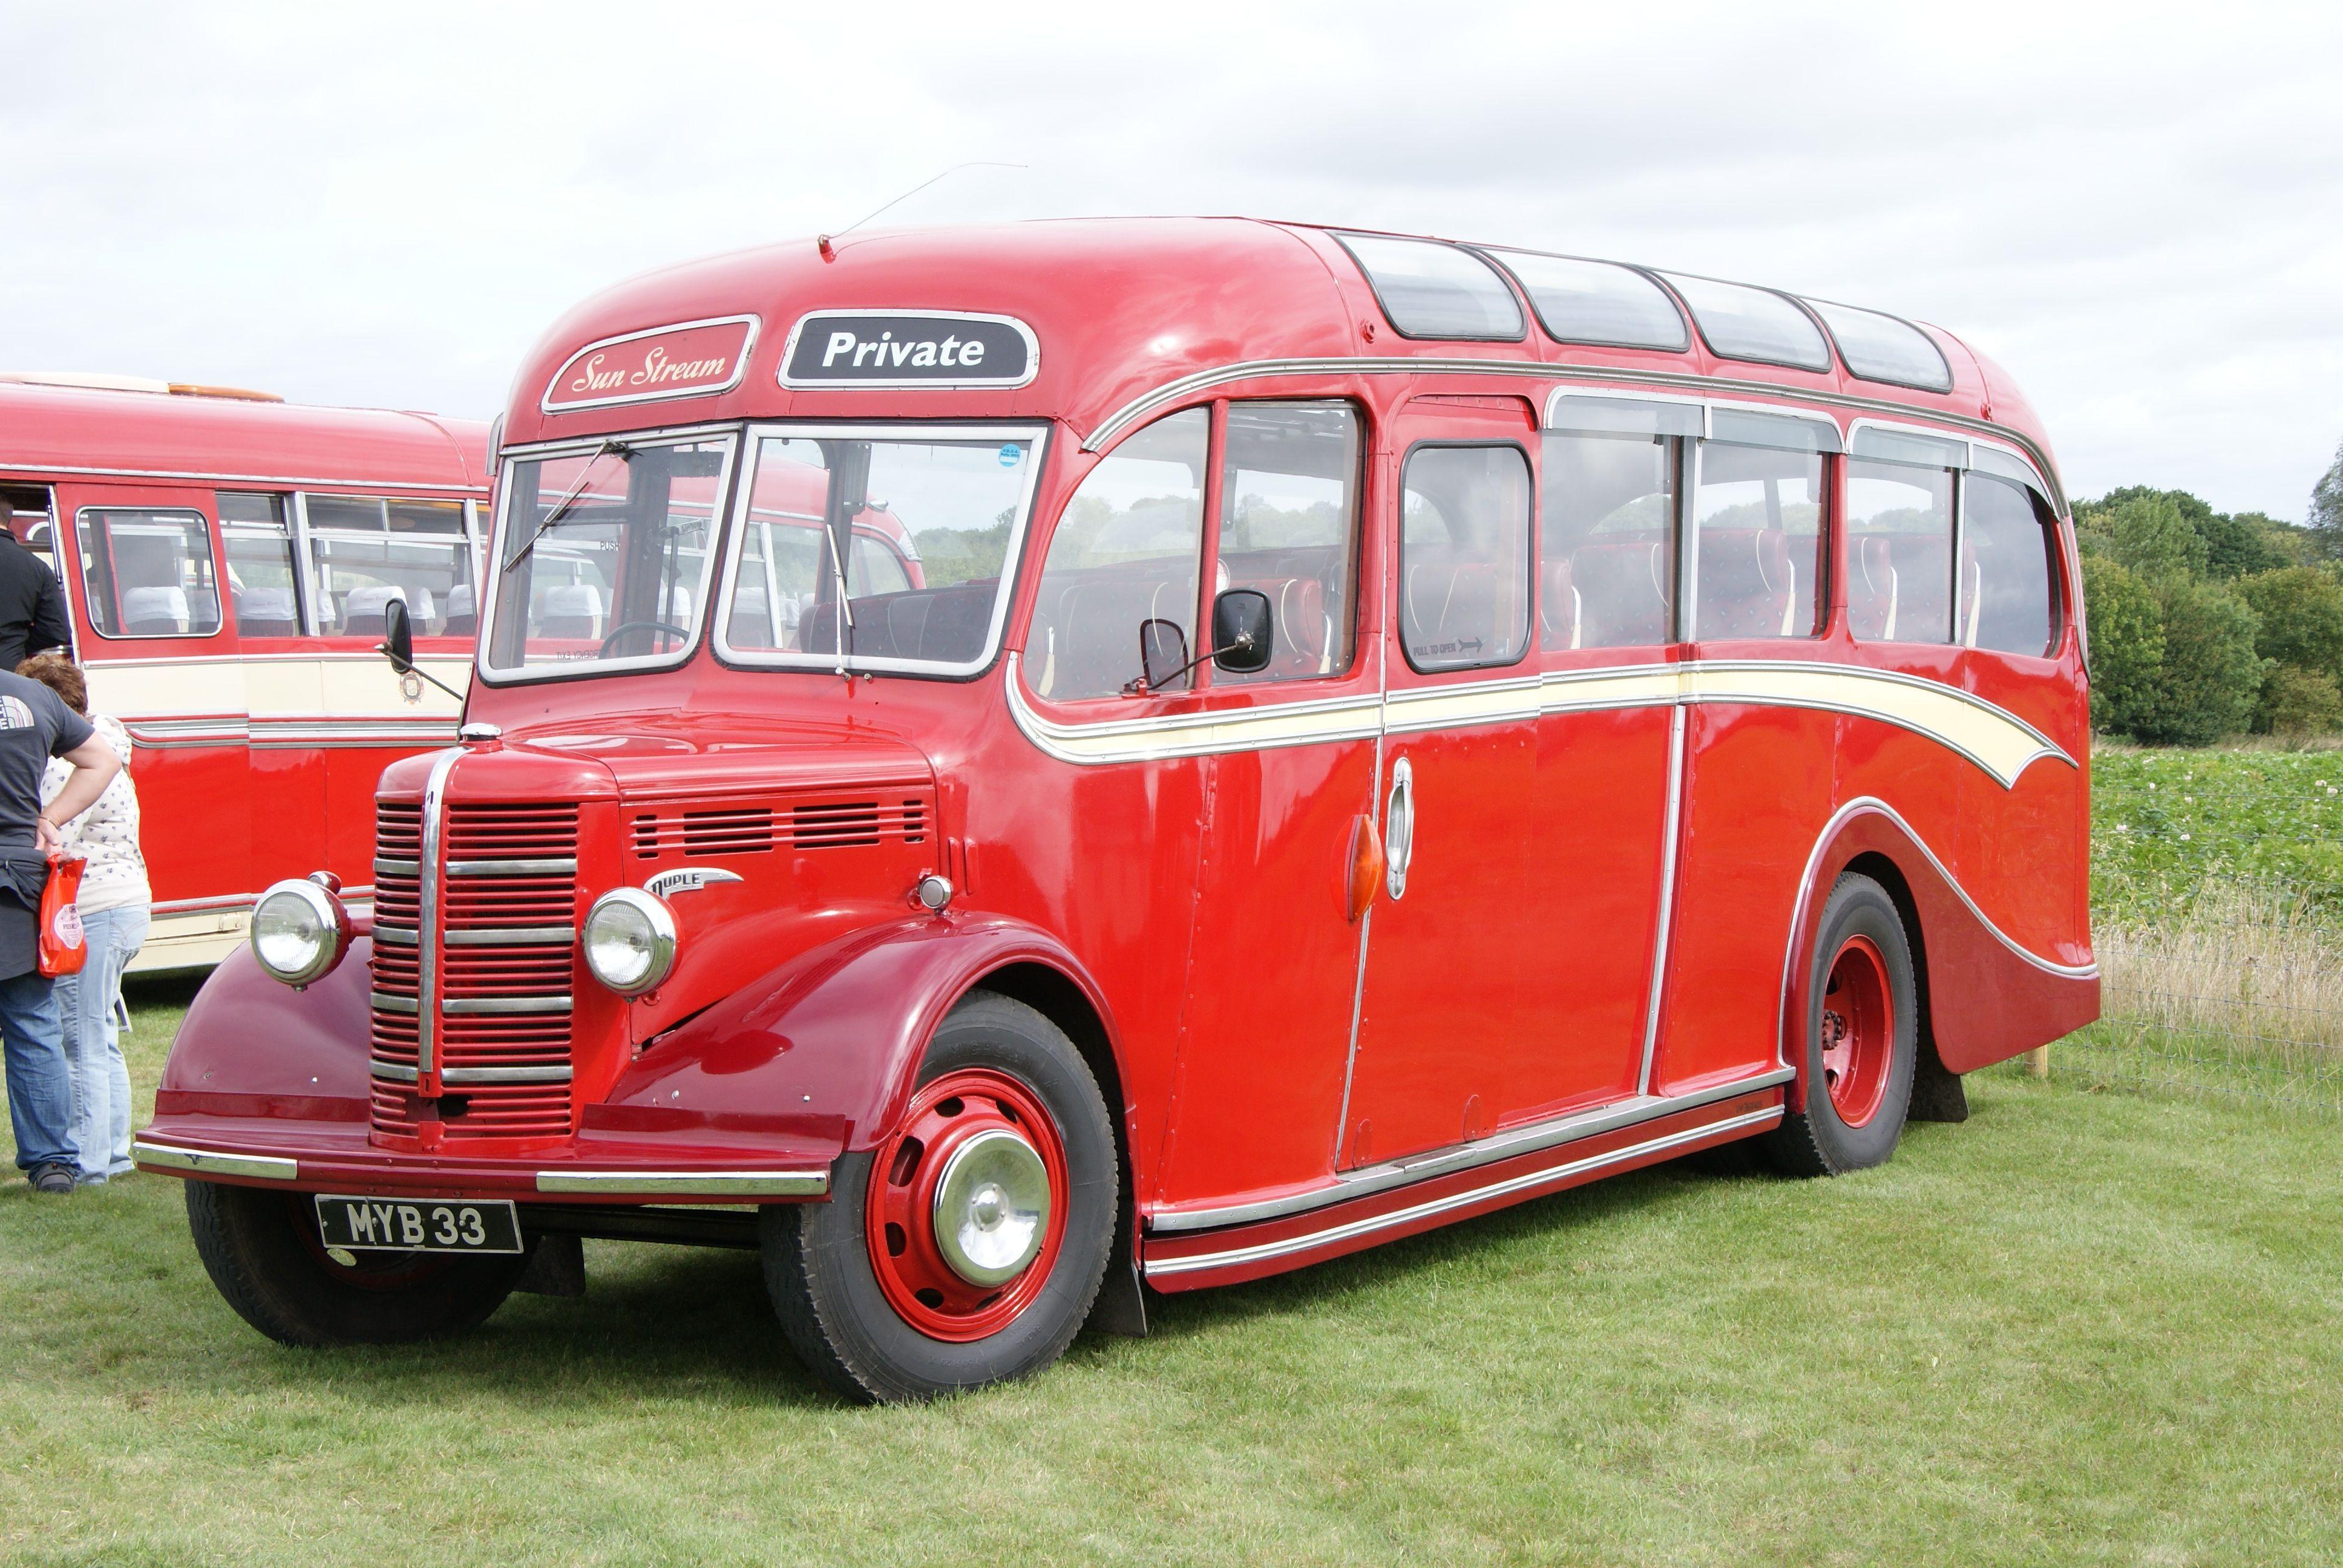 1950 Bedford OB Duple | Auto / Bus - Bedford | Pinterest ...